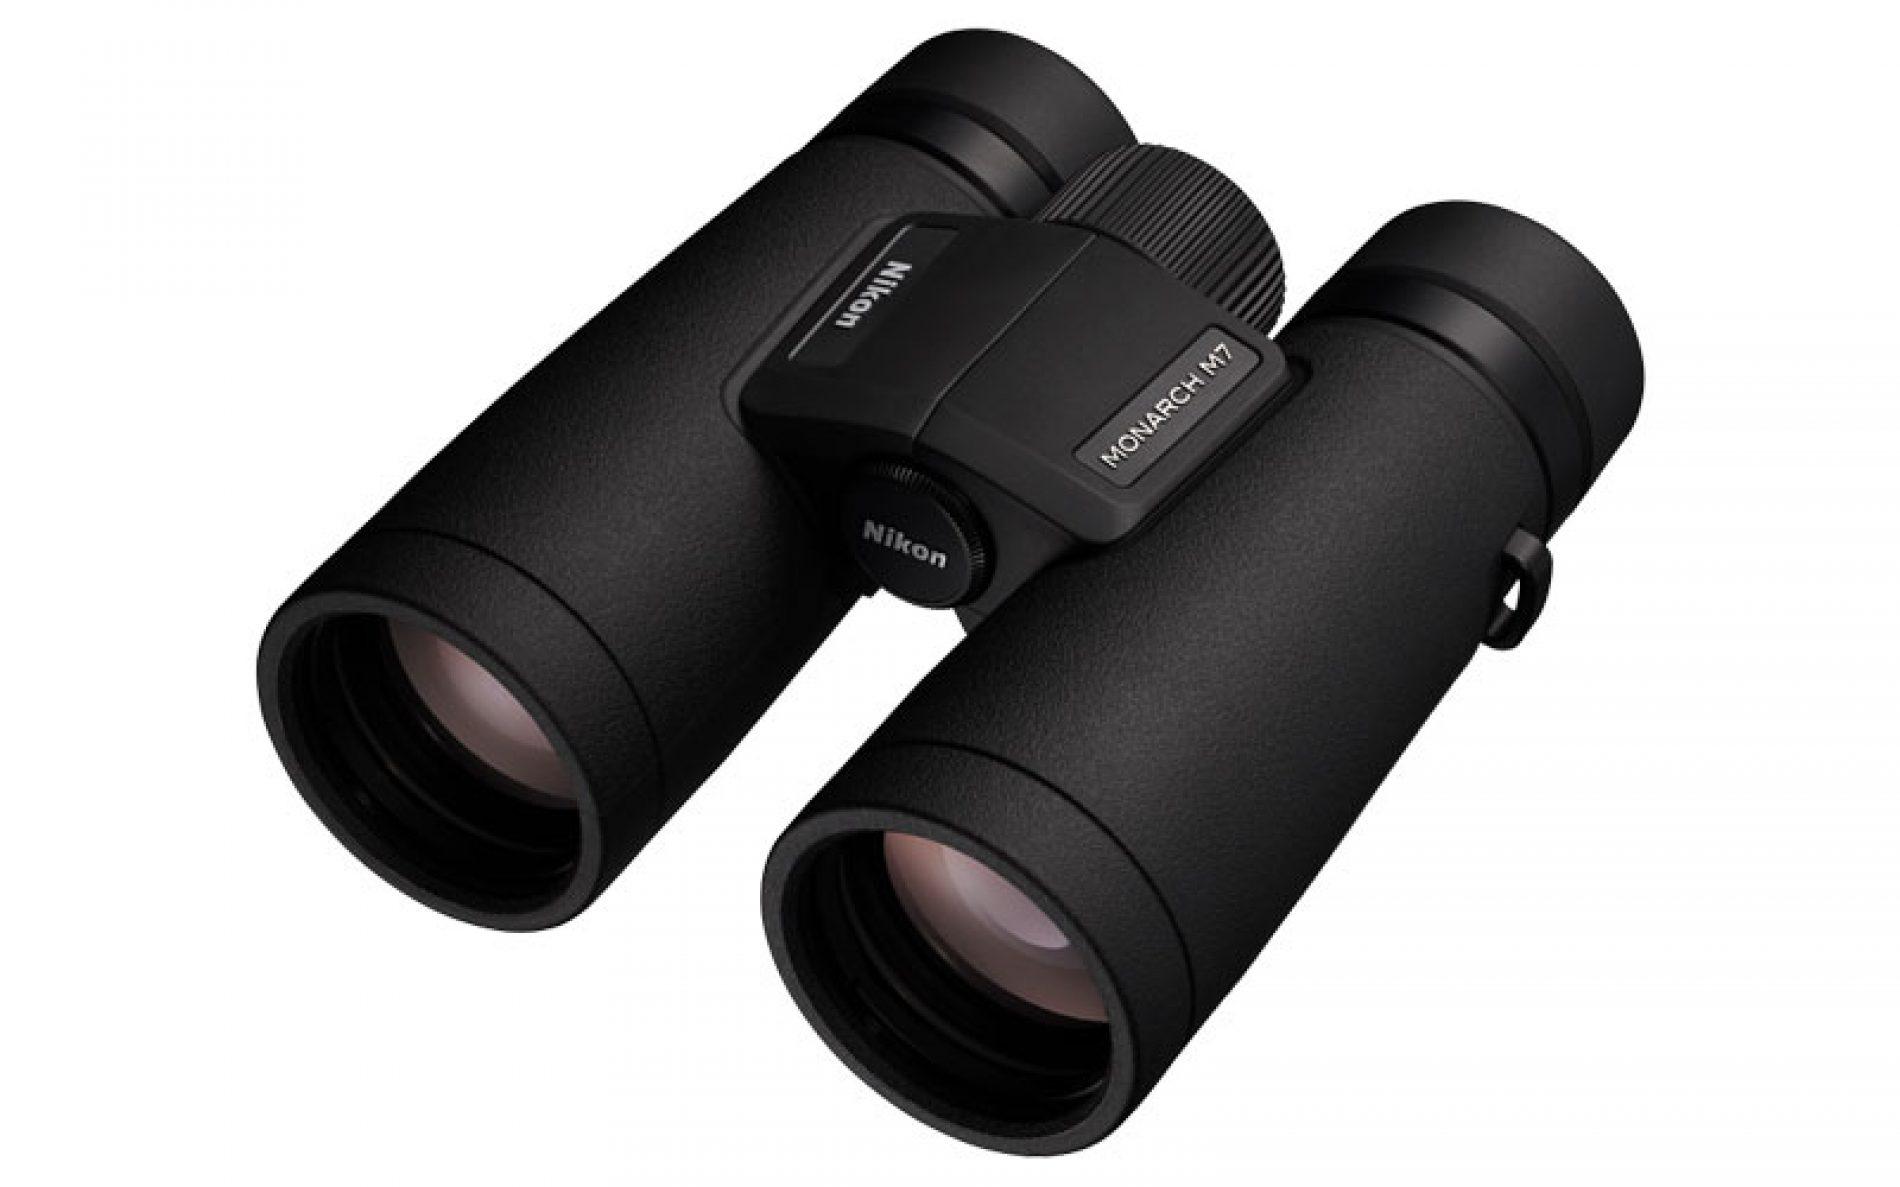 Nikon presenta dos nuevos binoculares Monarch para mostrar la belleza natural a plena luz